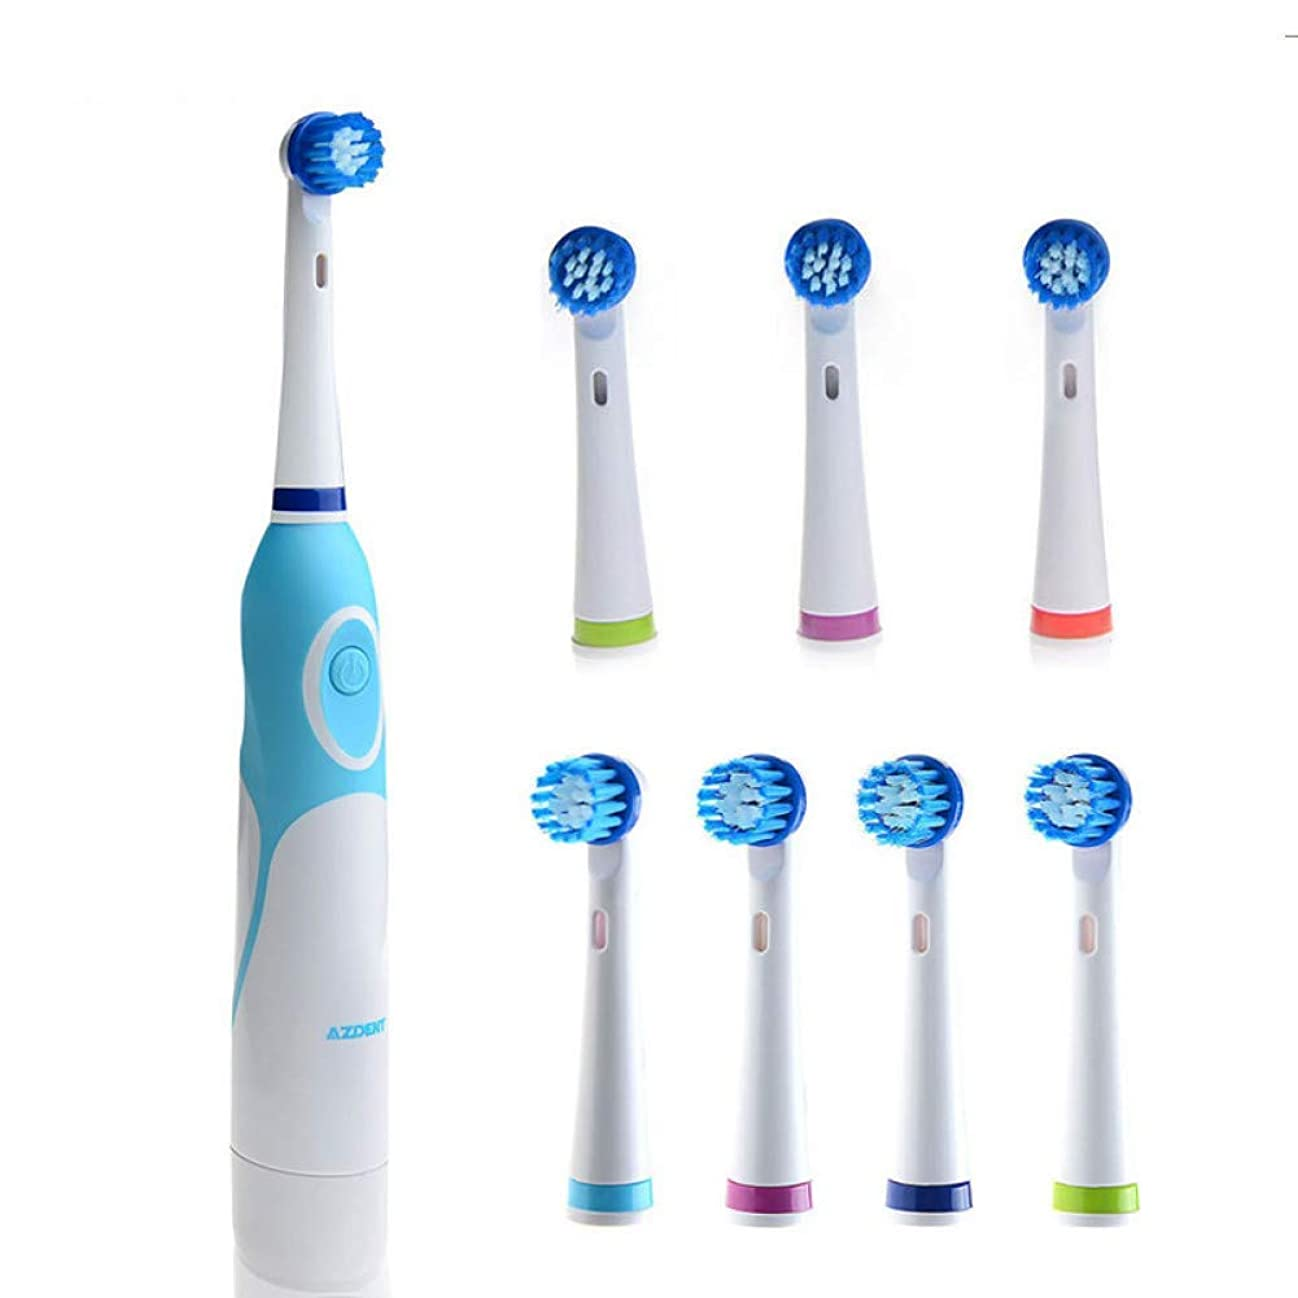 キウイ右二大人のための8つのブラシの頭部の回転歯ブラシの口頭心配の歯ブラシが付いている歯ブラシ、